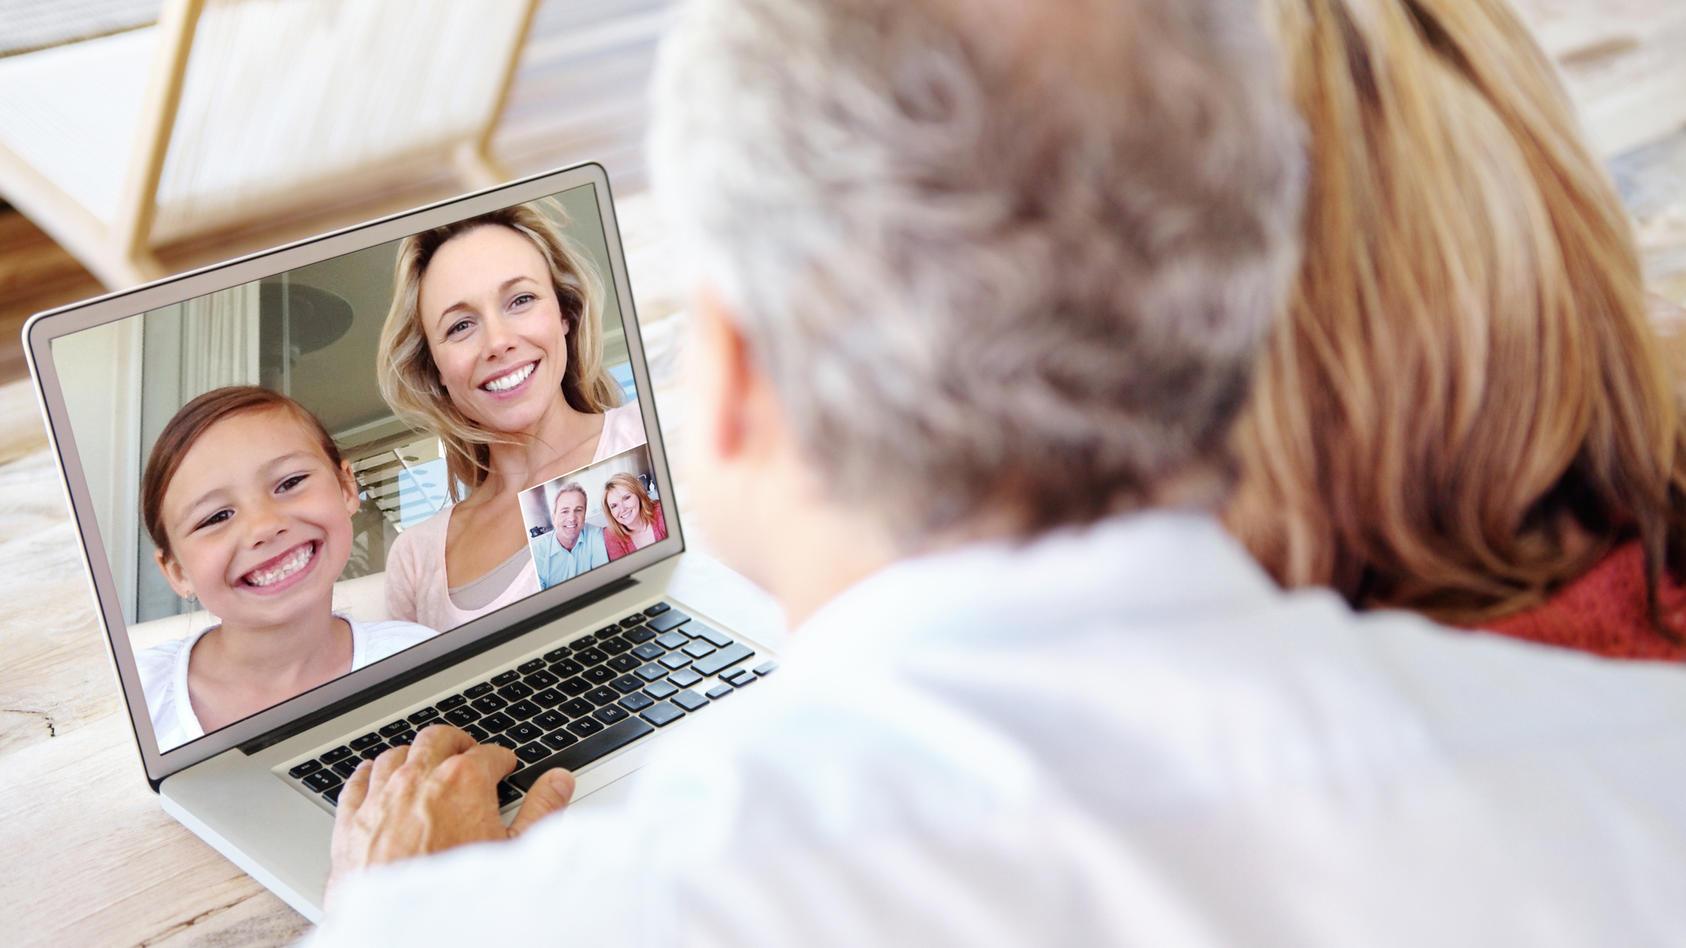 Videotelefonie ist eine Möglichkeit, wie Großeltern und ihre Familie den Kontakt zueinander nicht verlieren.